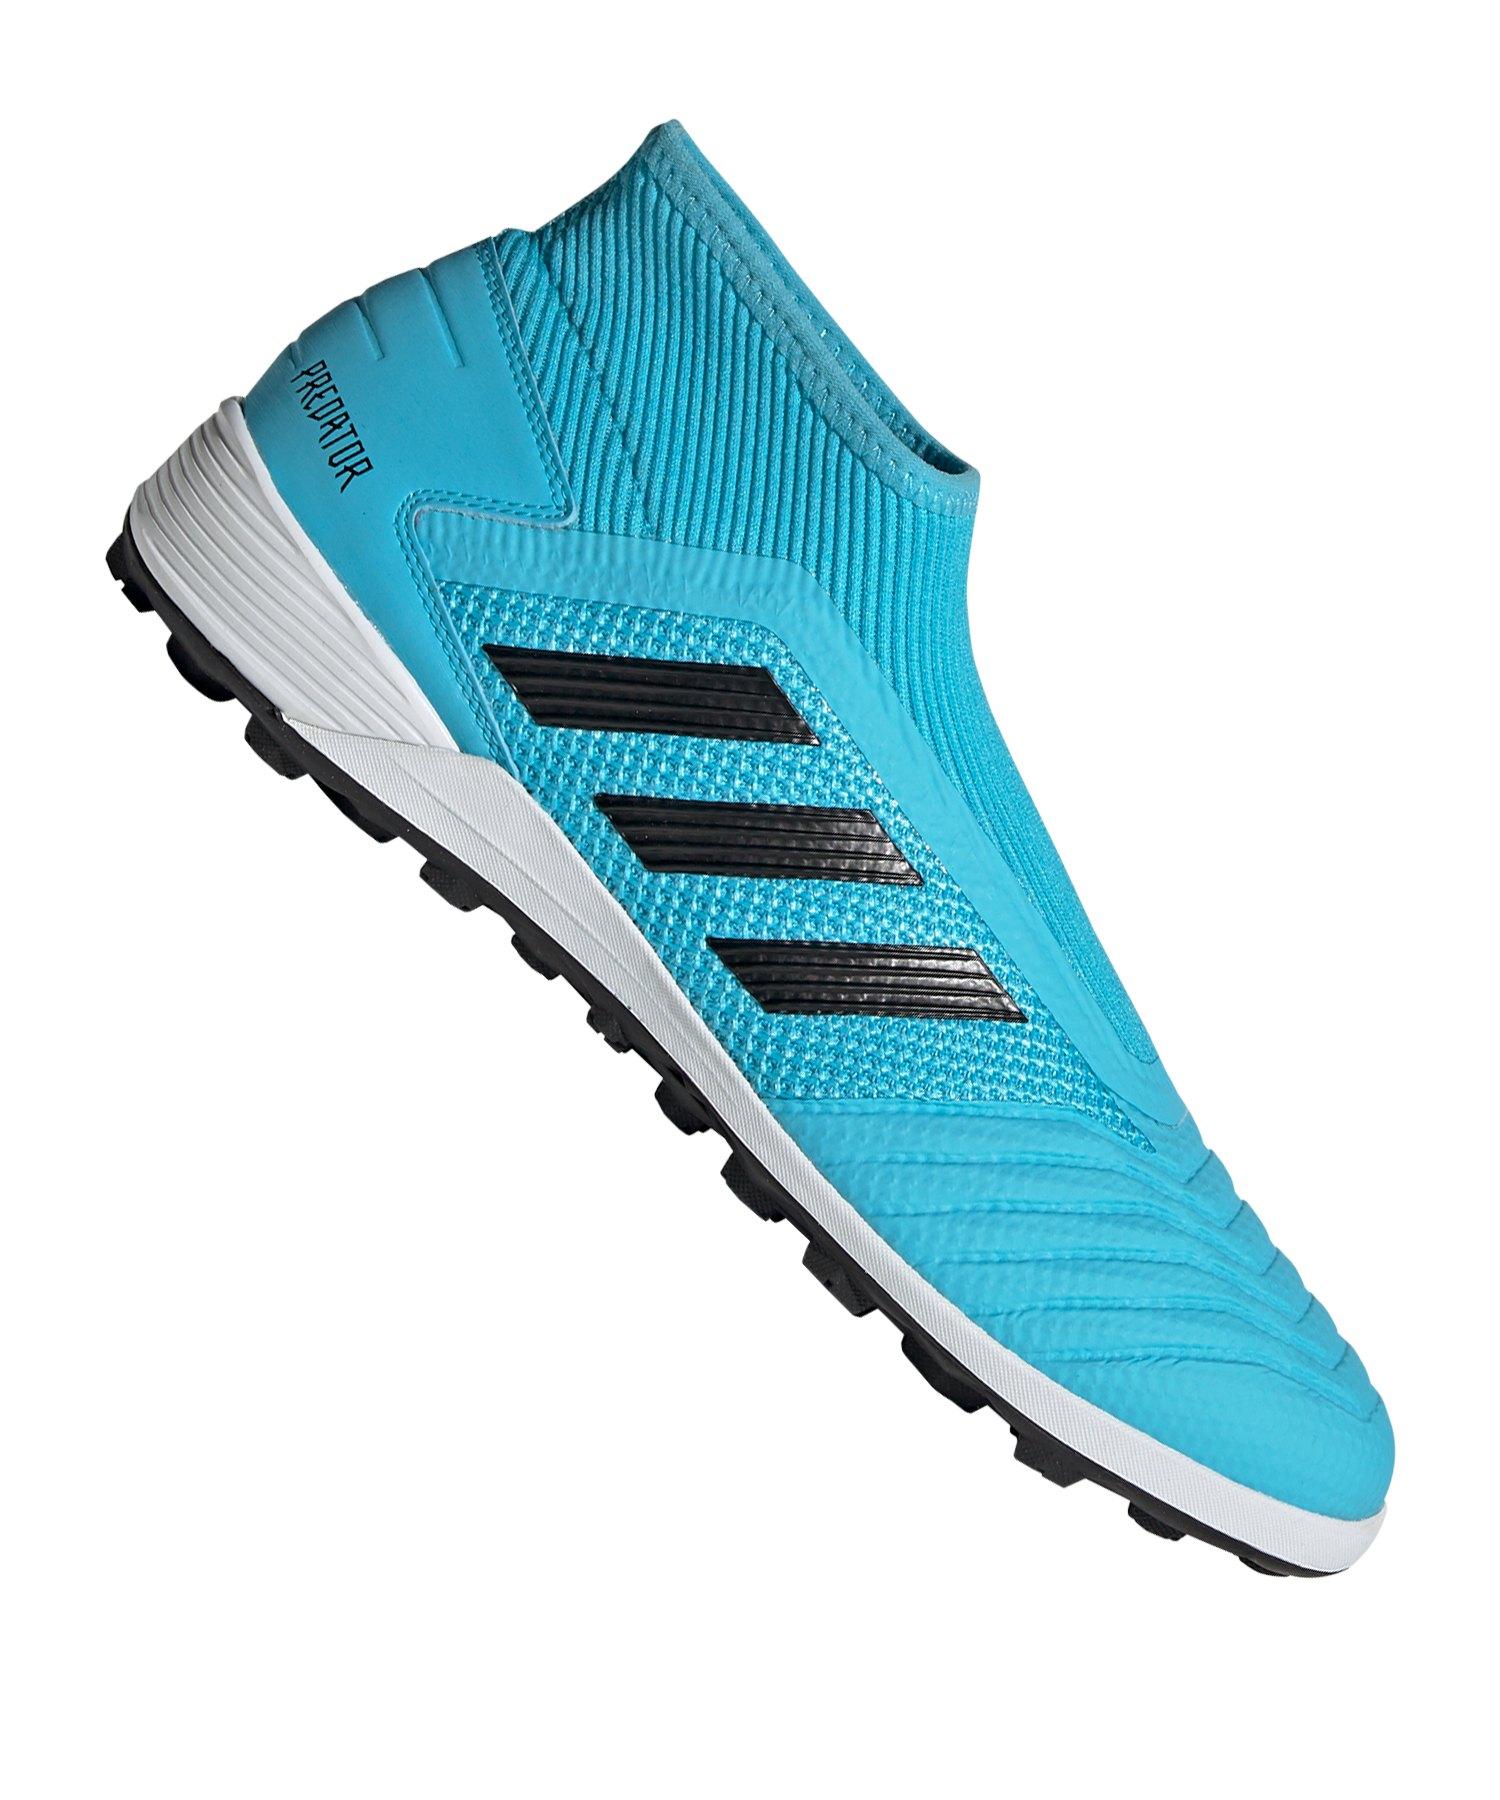 adidas Predator 19.3 LL TF Blau Schwarz - blau